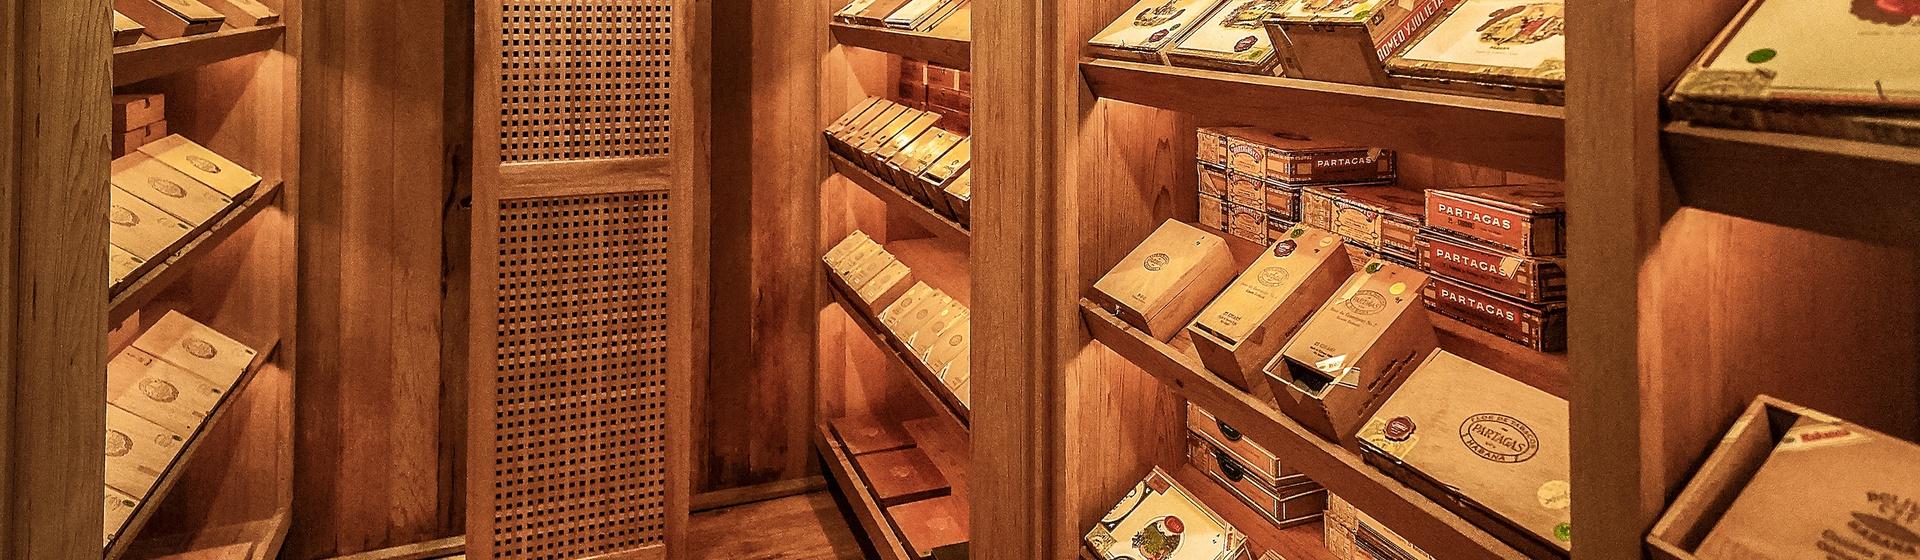 10.4-Telluride-Sleeping-Indian-Ranch-cigar-humidor-web.JPG